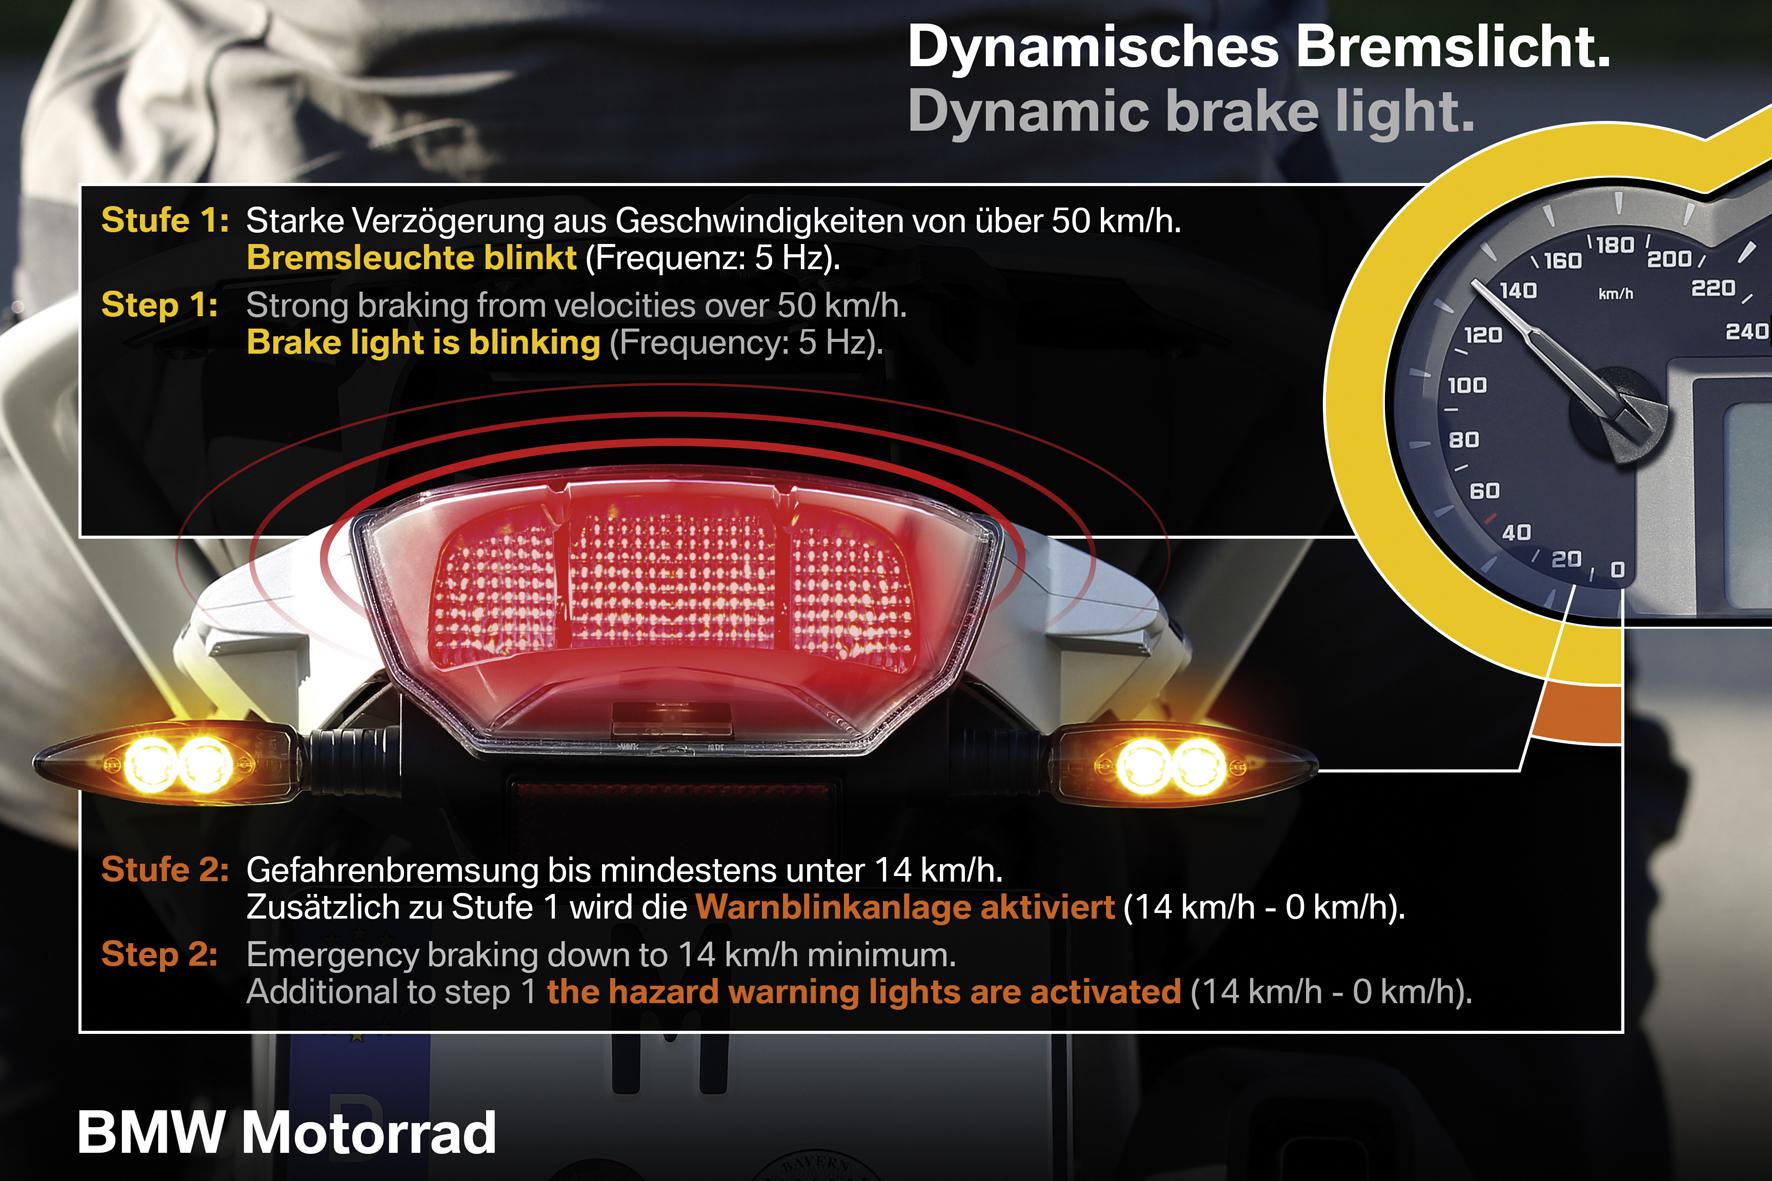 mid München - Das dynamische Bremslicht erhöht bei BMW-Motorrädern ab dem kommenden Modelljahr die Sicherheit.